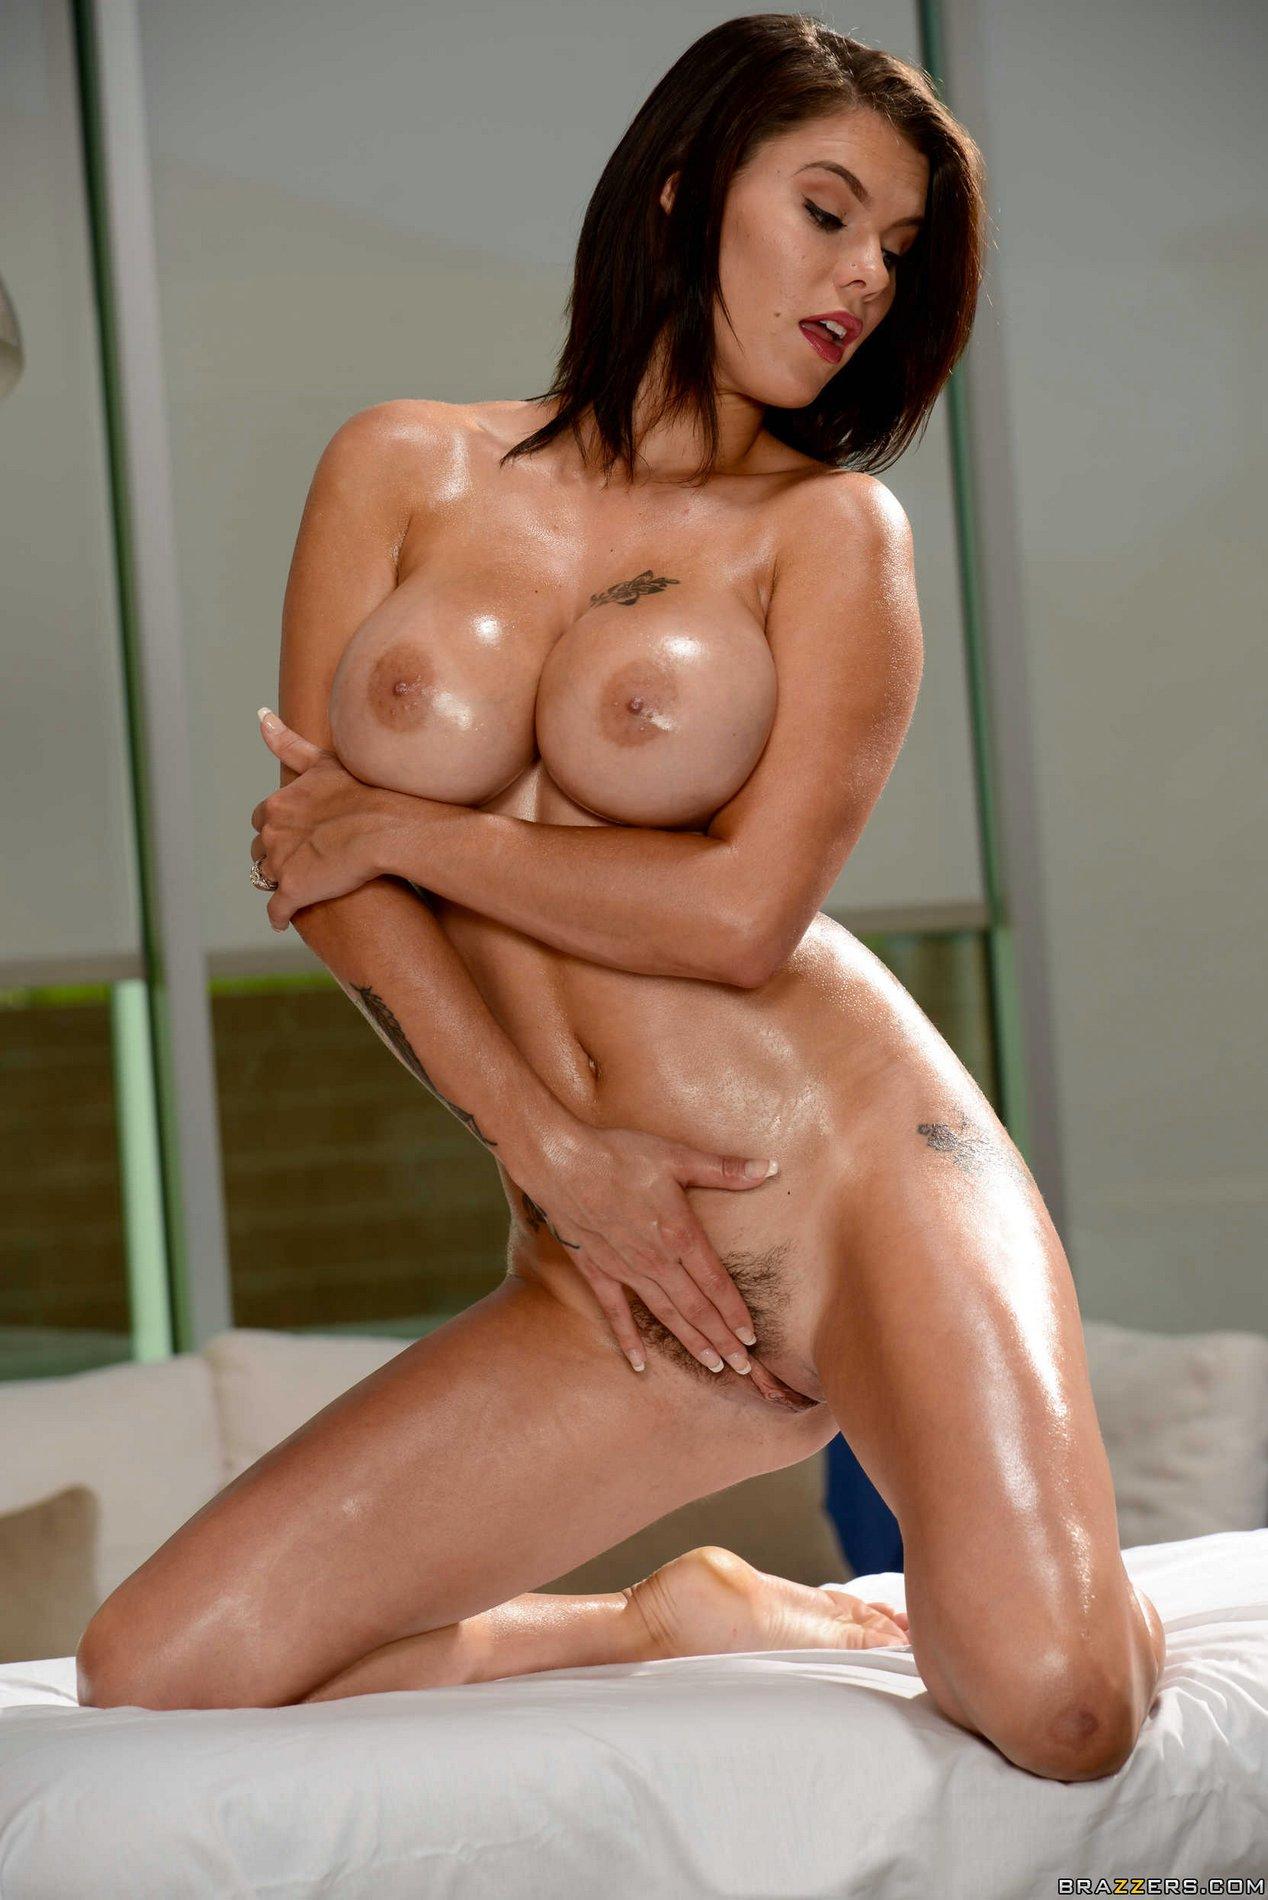 Beautiful nude brunette porno photo